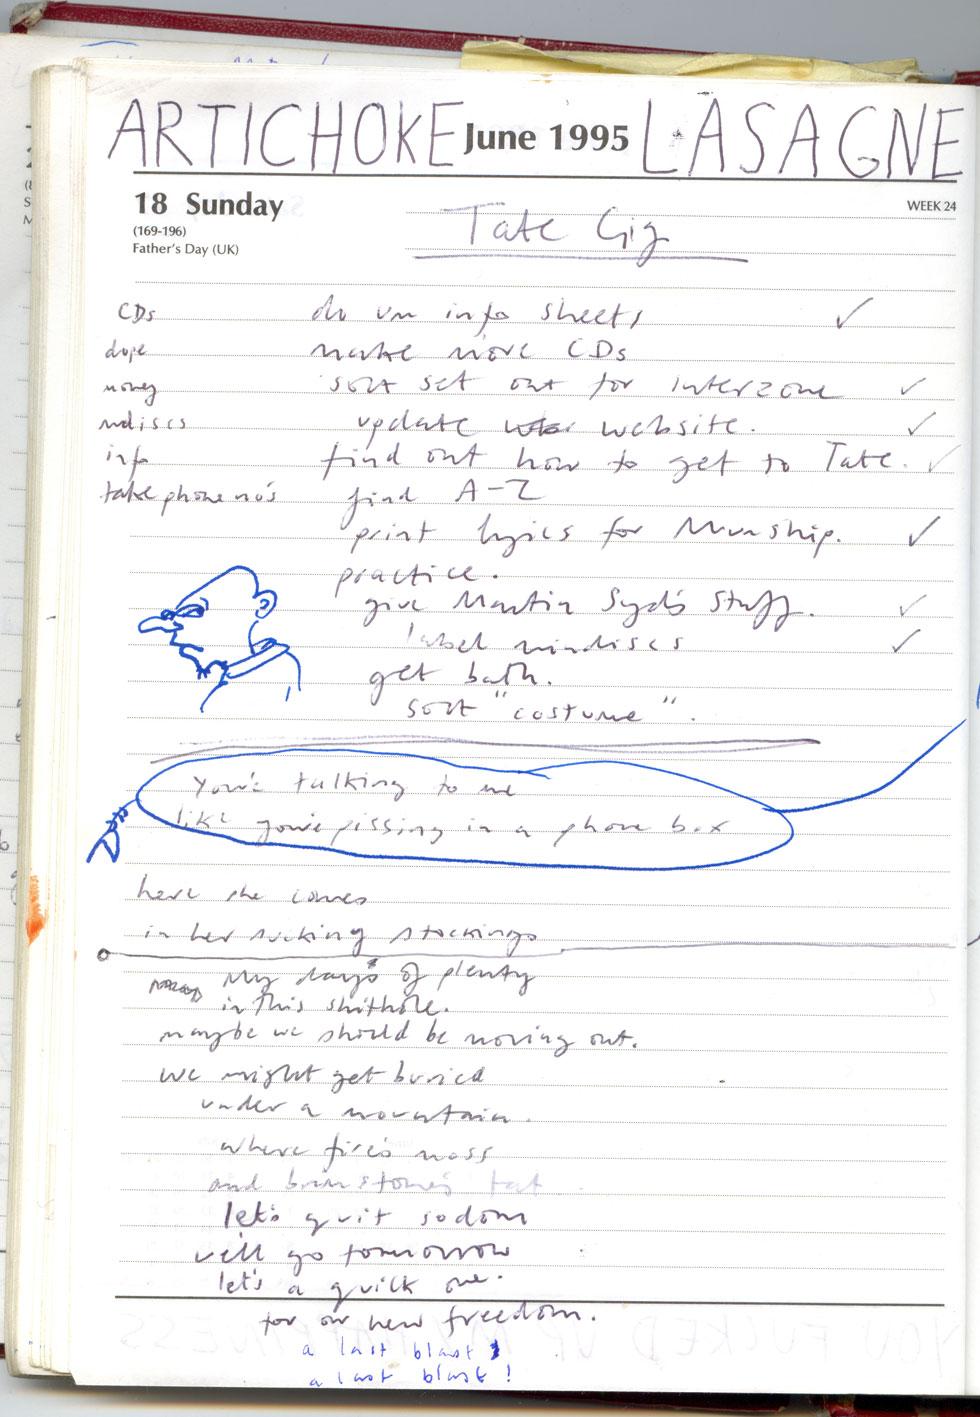 last_blast_lyrics_1.jpg